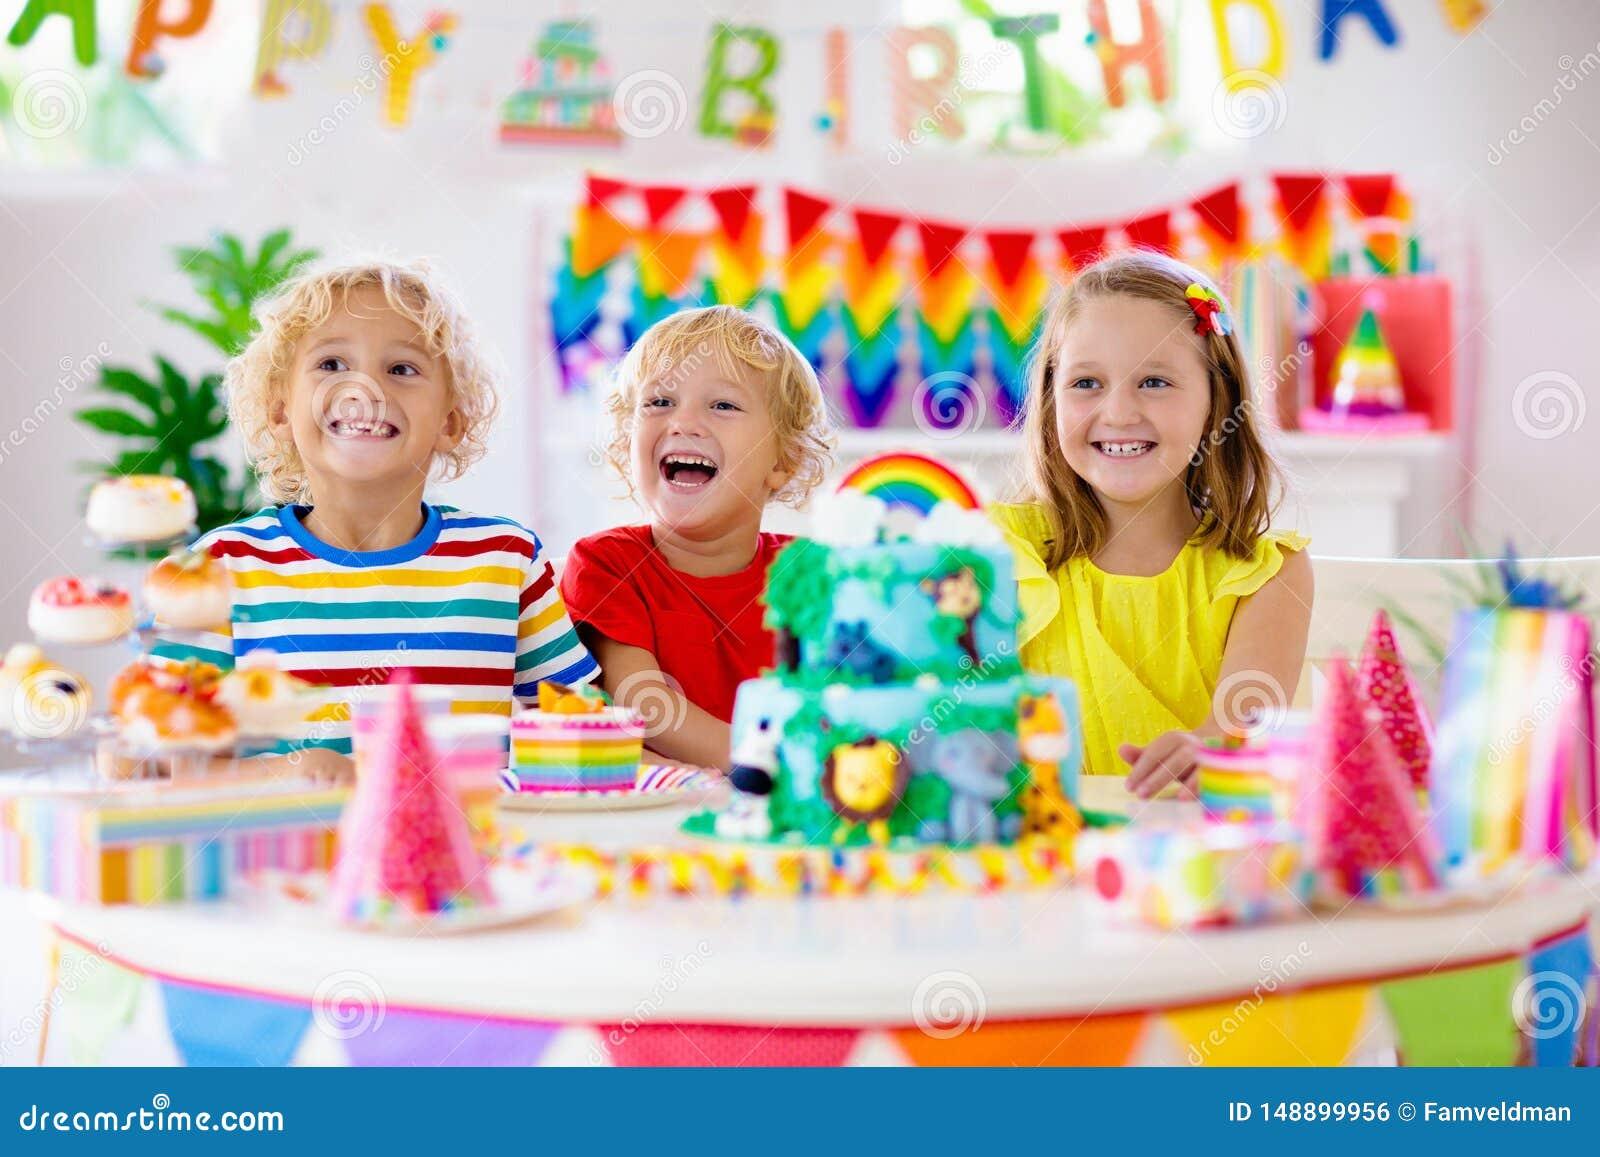 Γιορτή γενεθλίων παιδιών Κερί χτυπήματος παιδιών στο κέικ